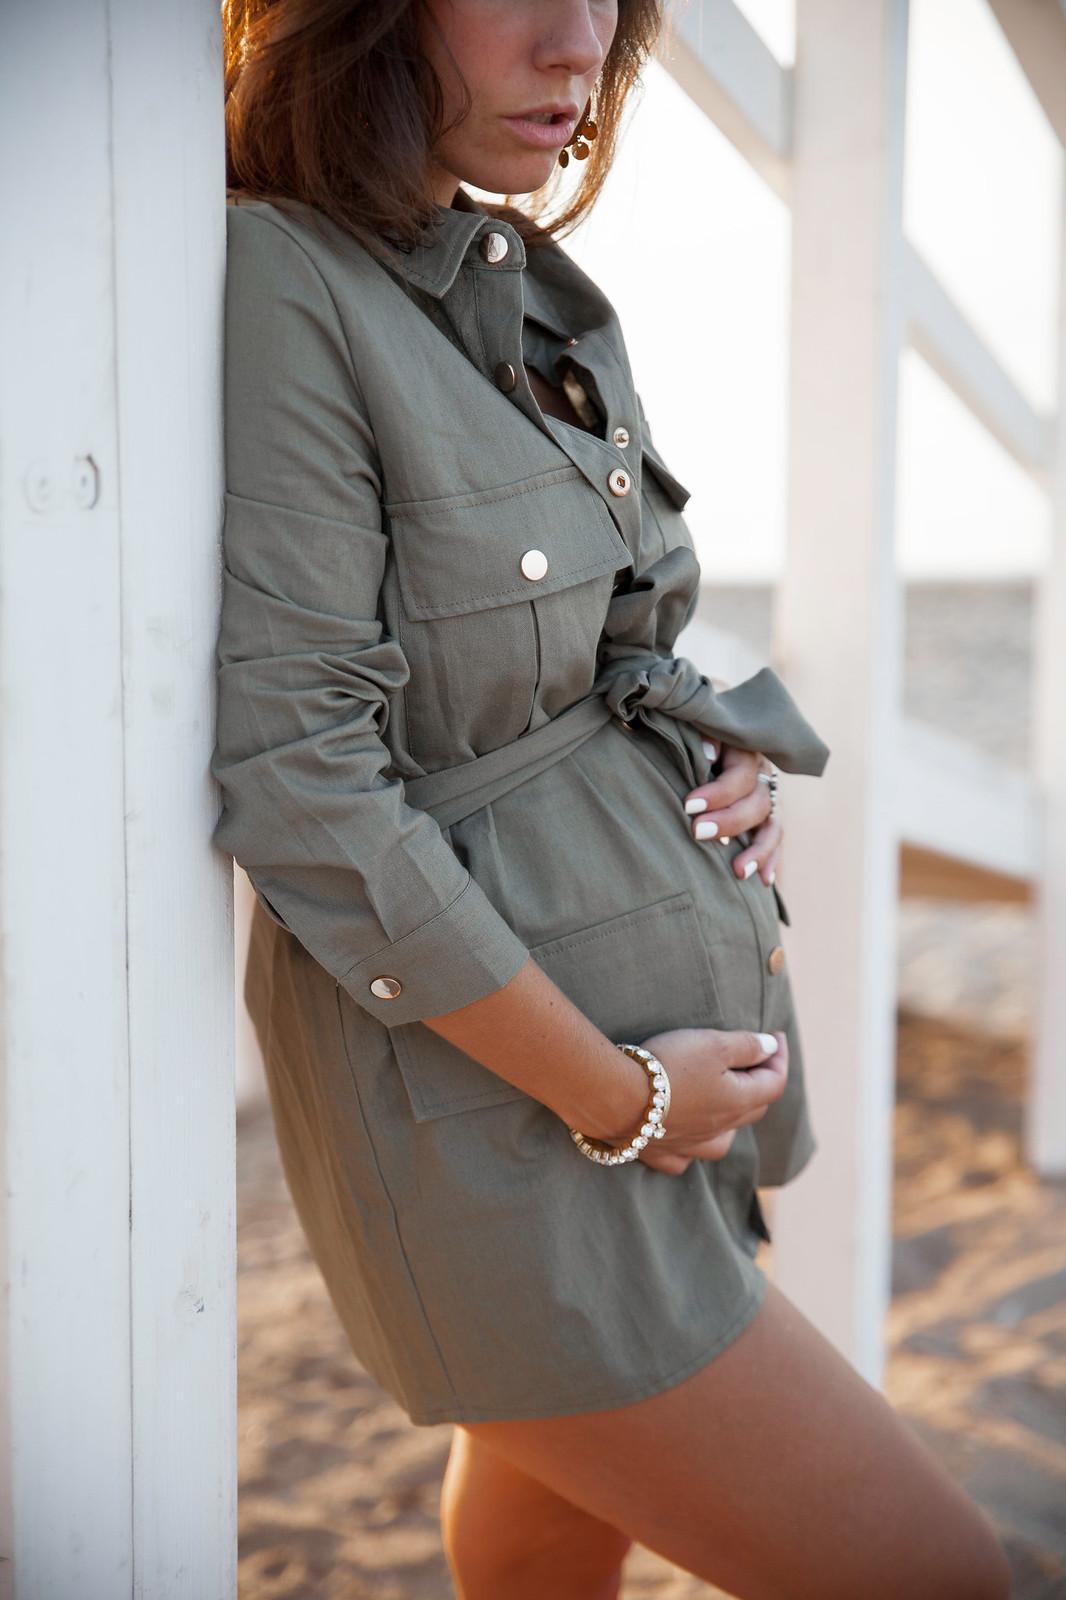 outfit inspiracion embarazada 6 meses como combinar parka verde diferente vestido khaki loavies nueva coleccion otoño 2018 2019 influencer embarazada barcelona theguestgirl laura santolaria